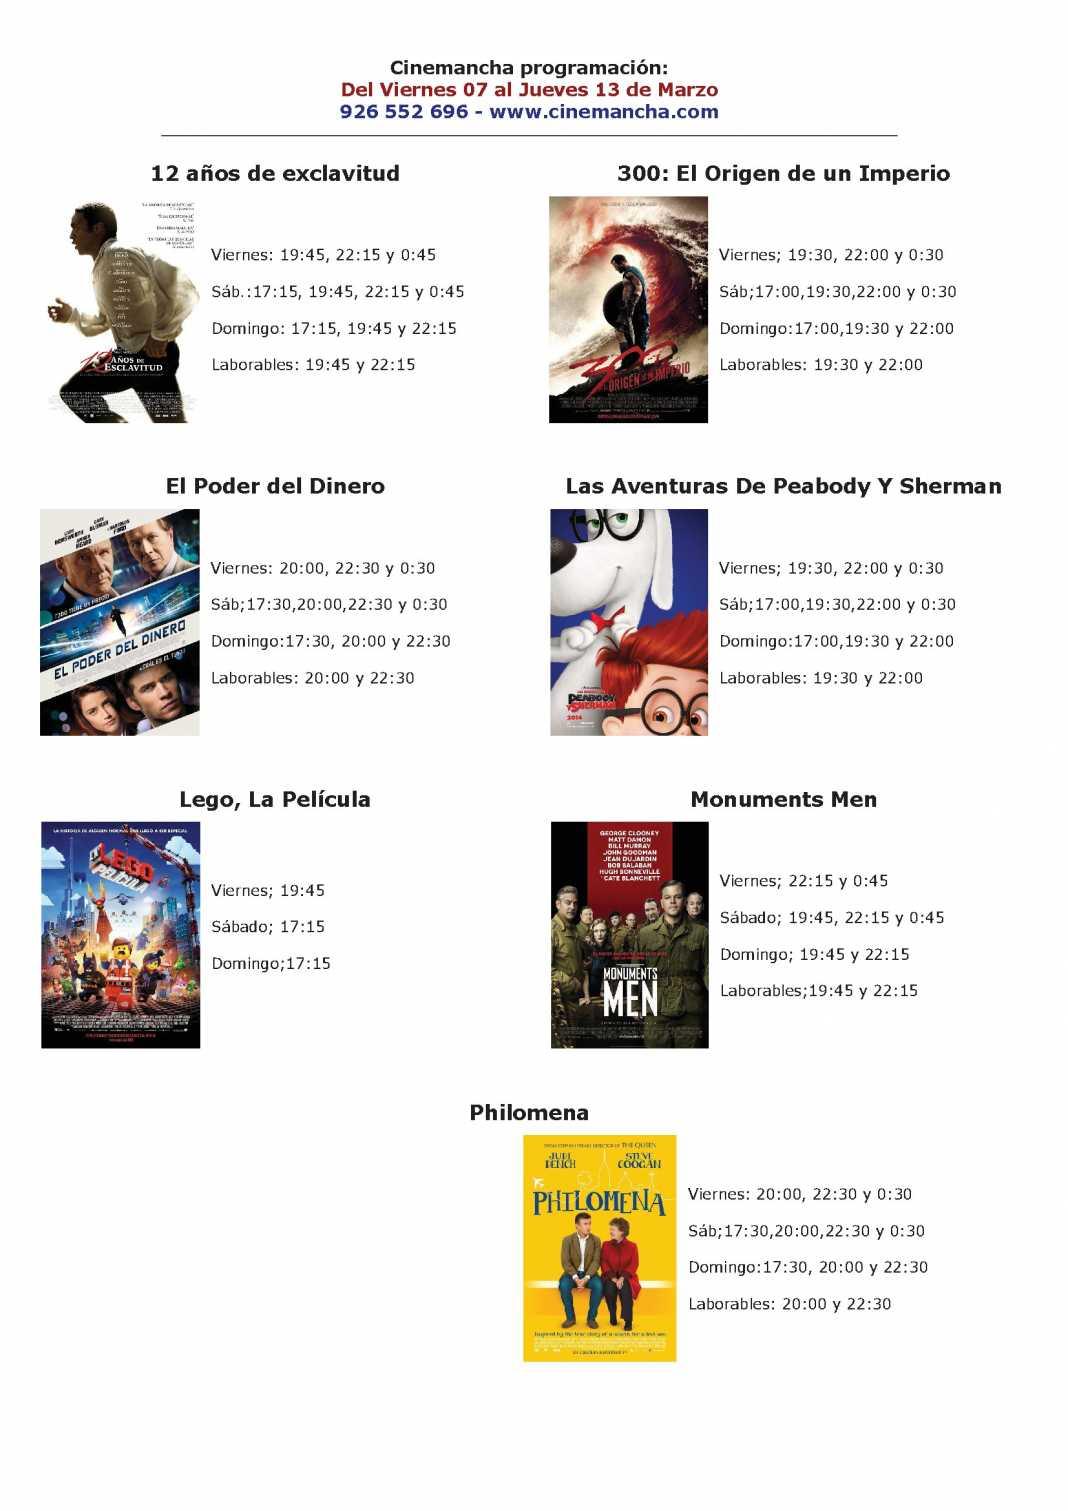 Programación Cinemancha del 7 al 13 de Marzo 1